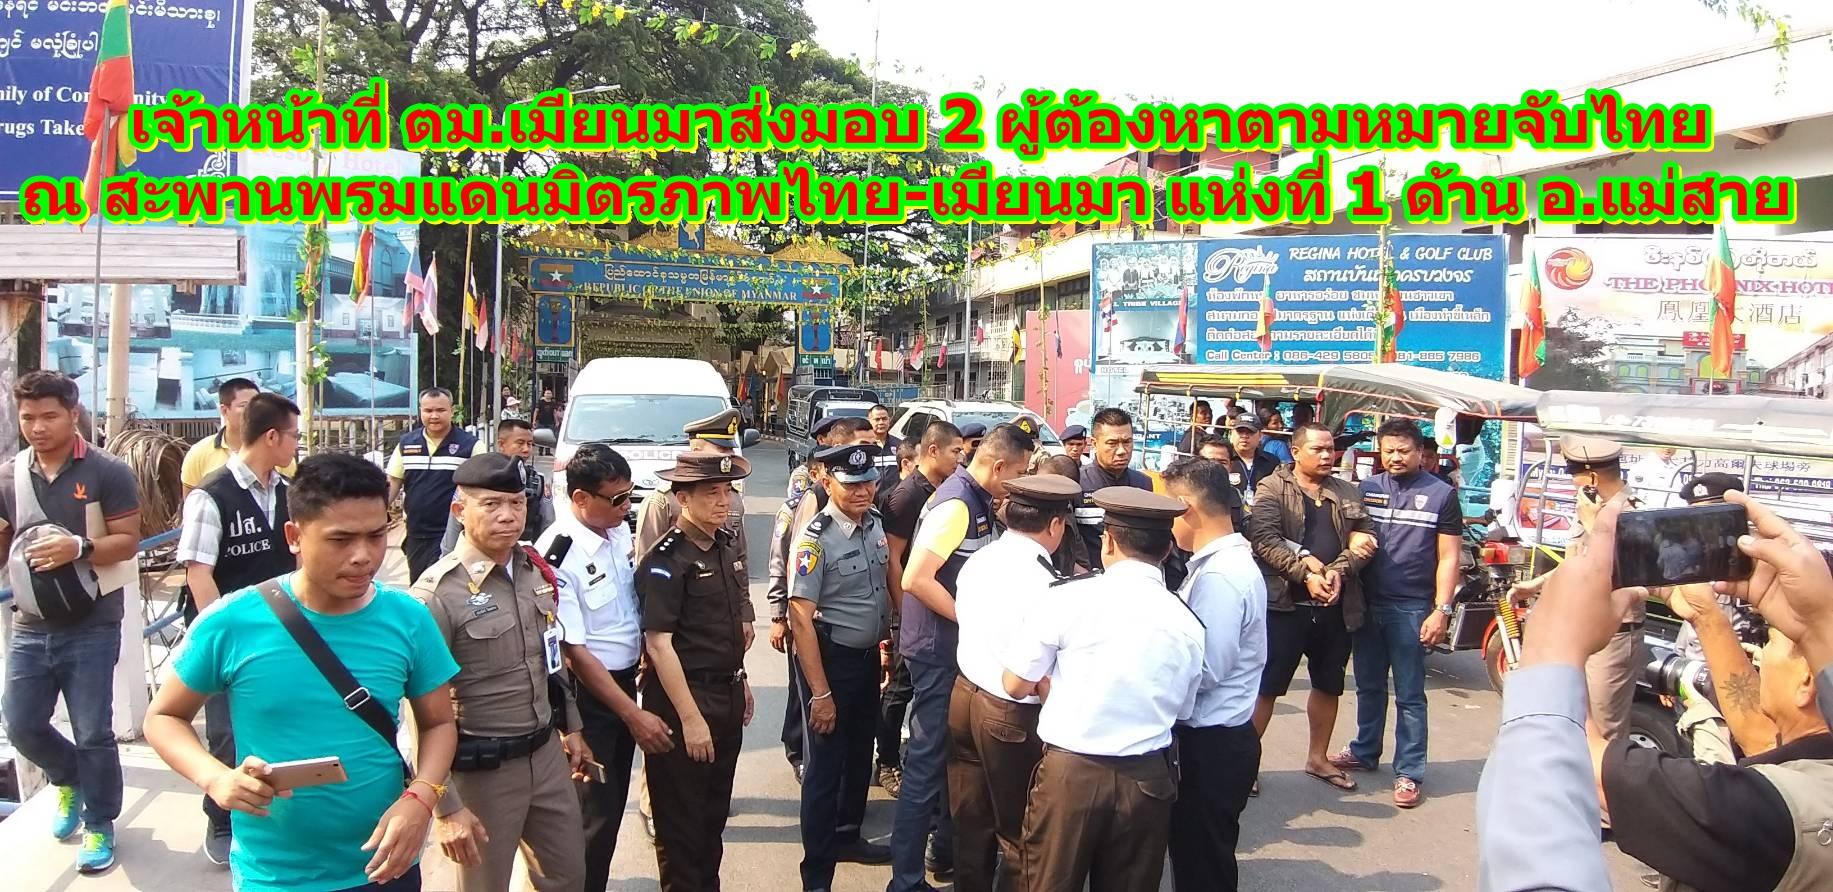 เจ้าหน้าที่เมียนมา ส่งมอบ 2 ผู้ต้องหาตามหมายจับไทย ณ สะพานพรมแดนมิตรภาพไทย-เมียนมา แห่งที่ 1 ด้าน อ.แม่สาย